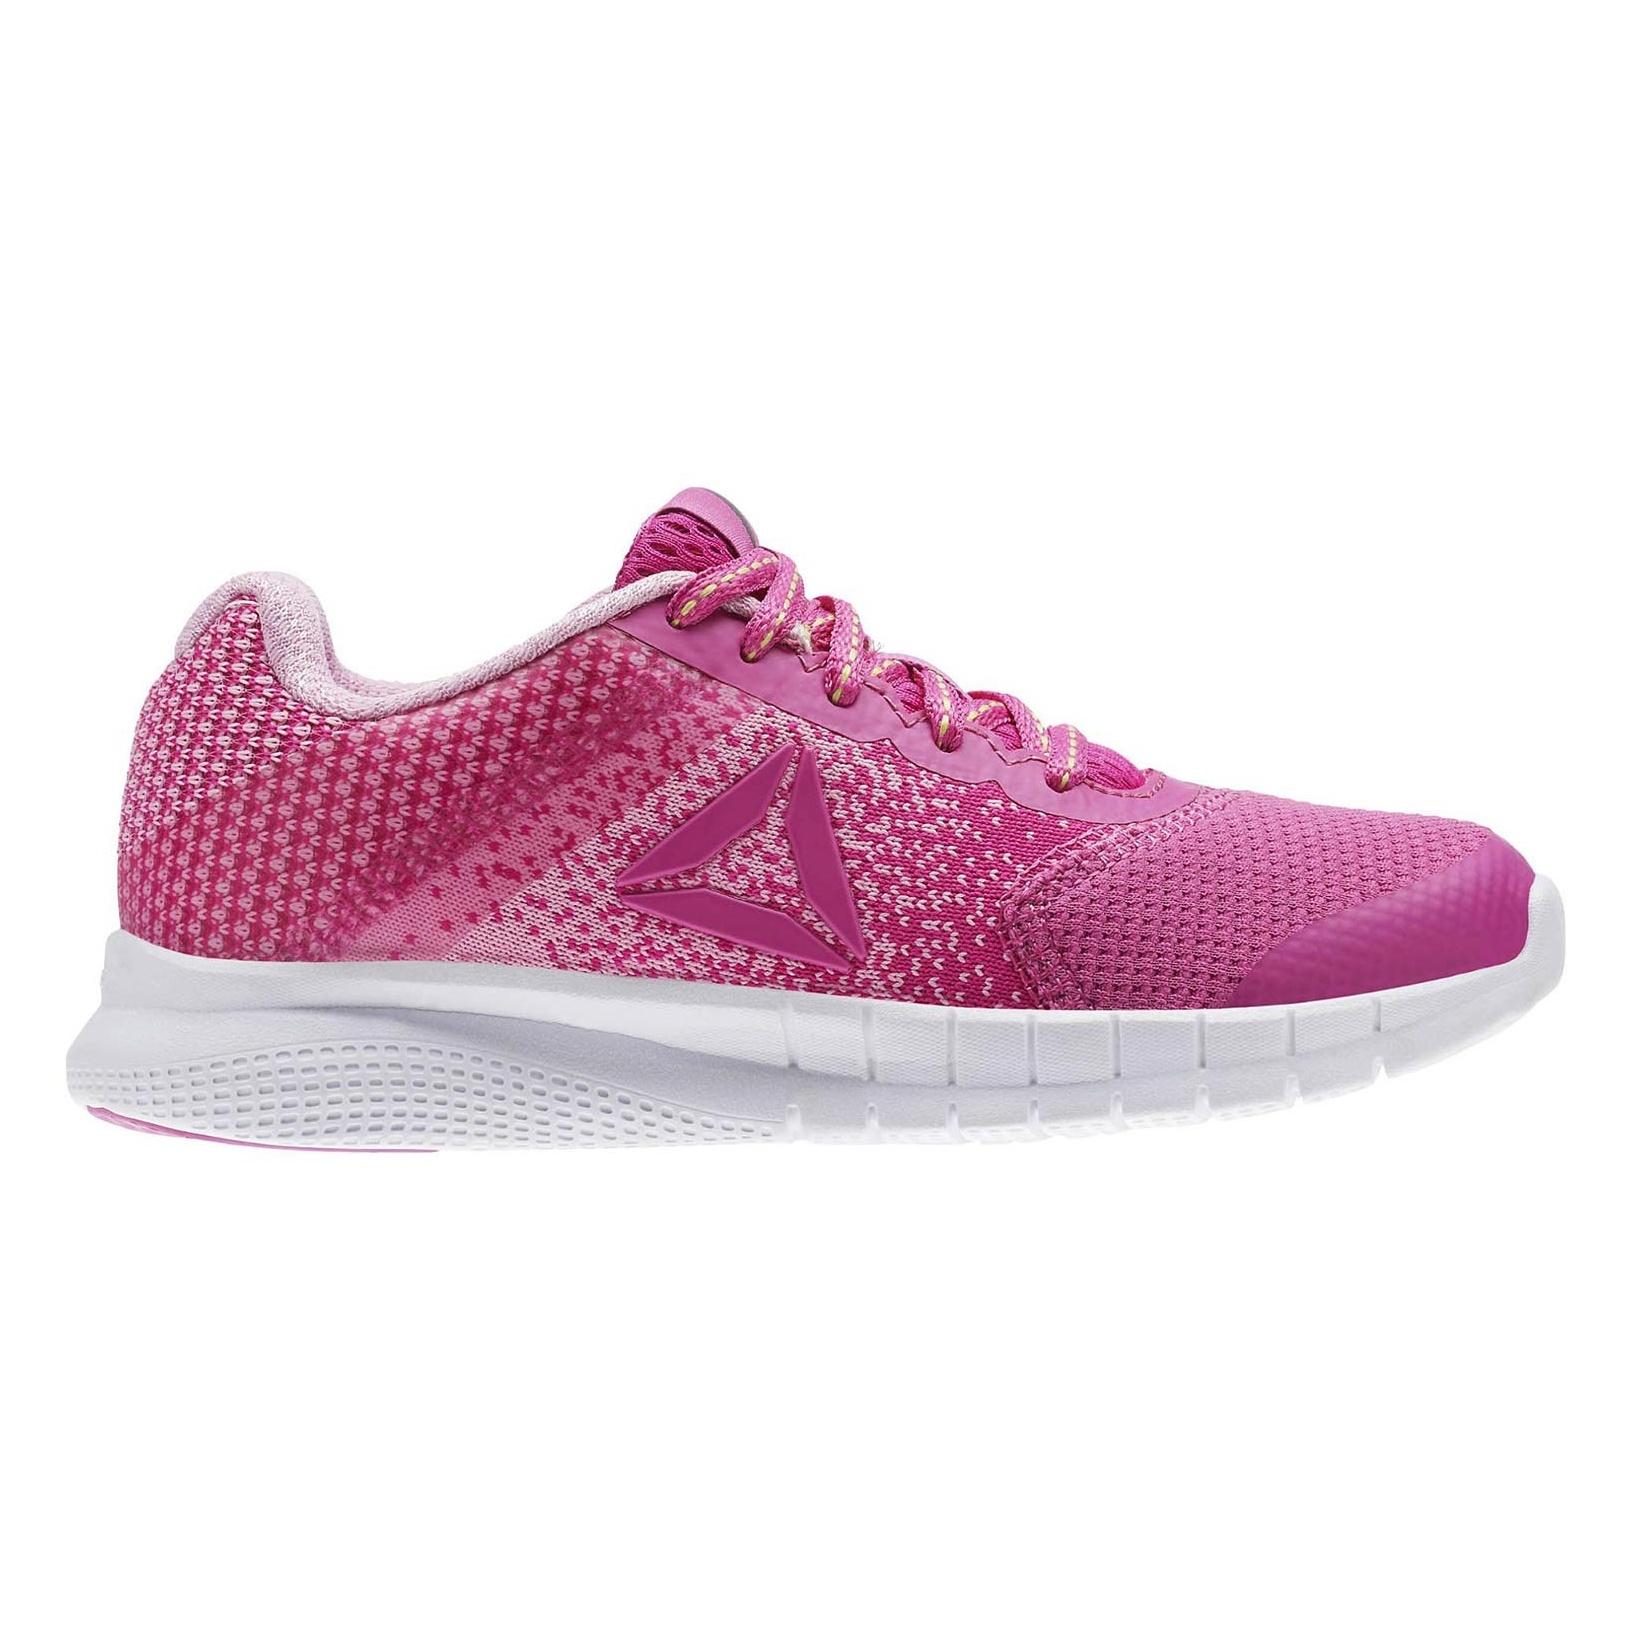 کفش دویدن بندی دخترانه Instalite Run Pre-School - ریباک